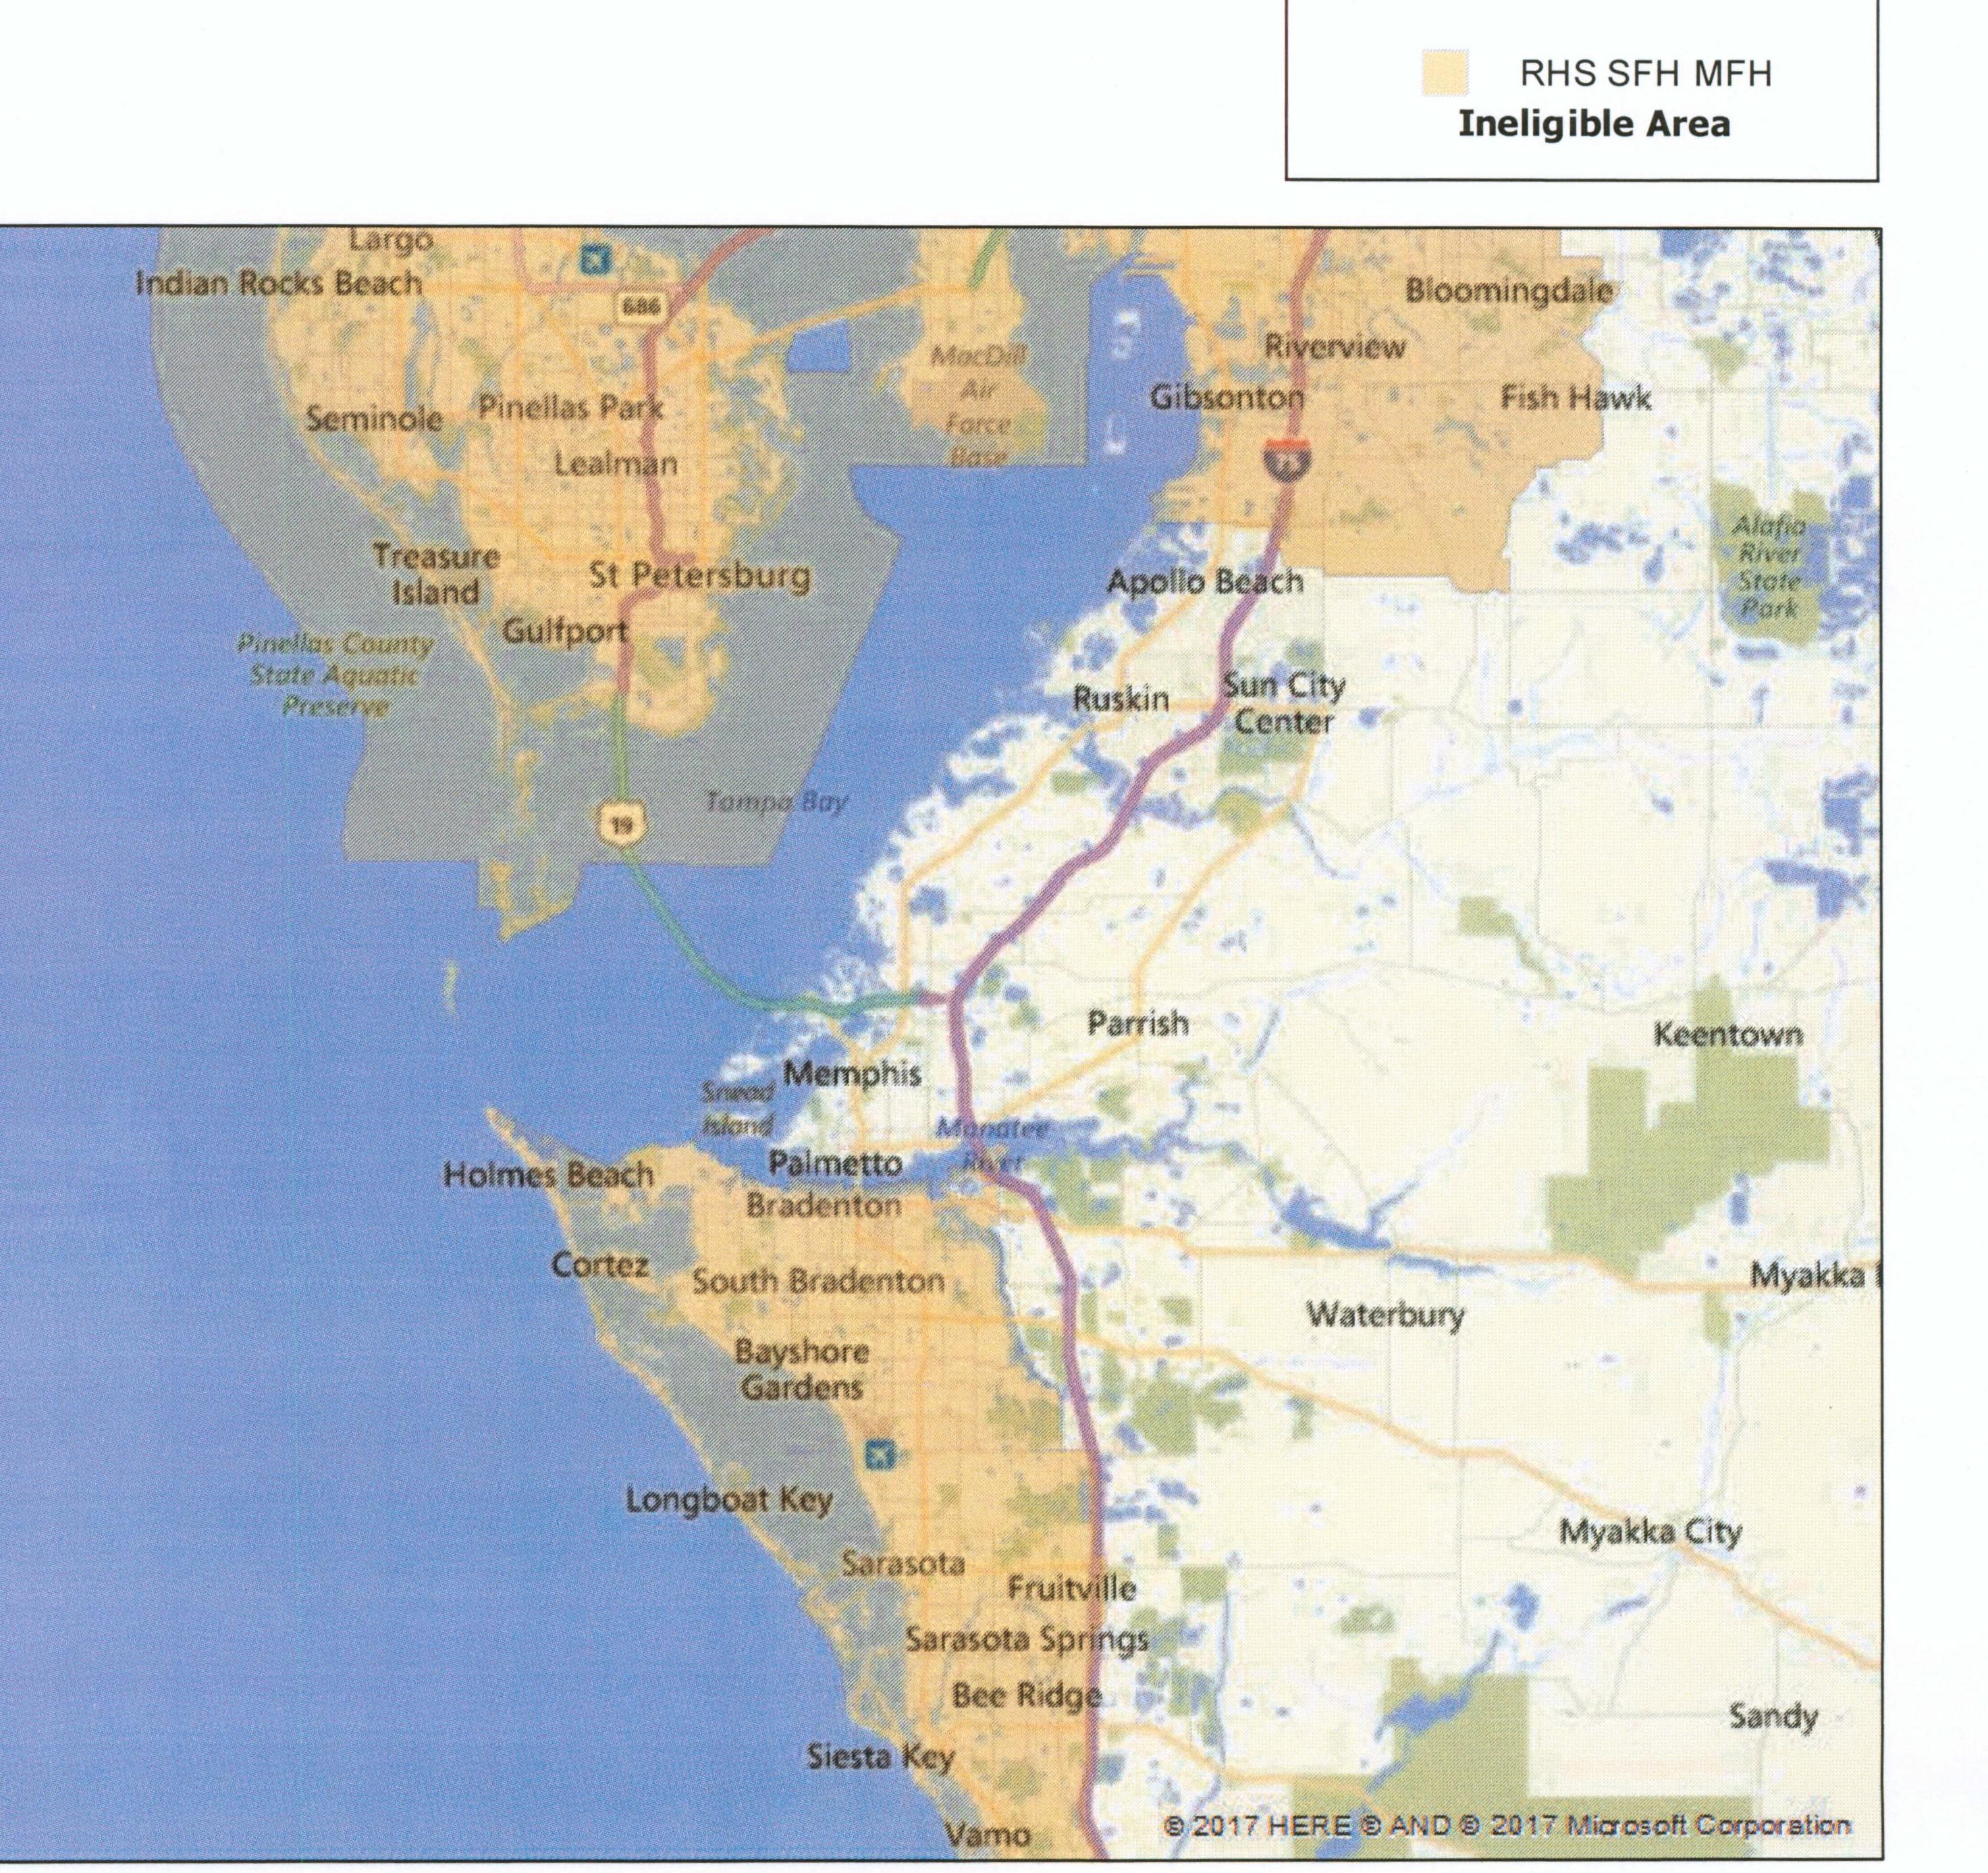 Usda Loan | Multiline Mortgage | (941) 201-9111 | Multiline Mortgage - Usda Eligibility Map Florida